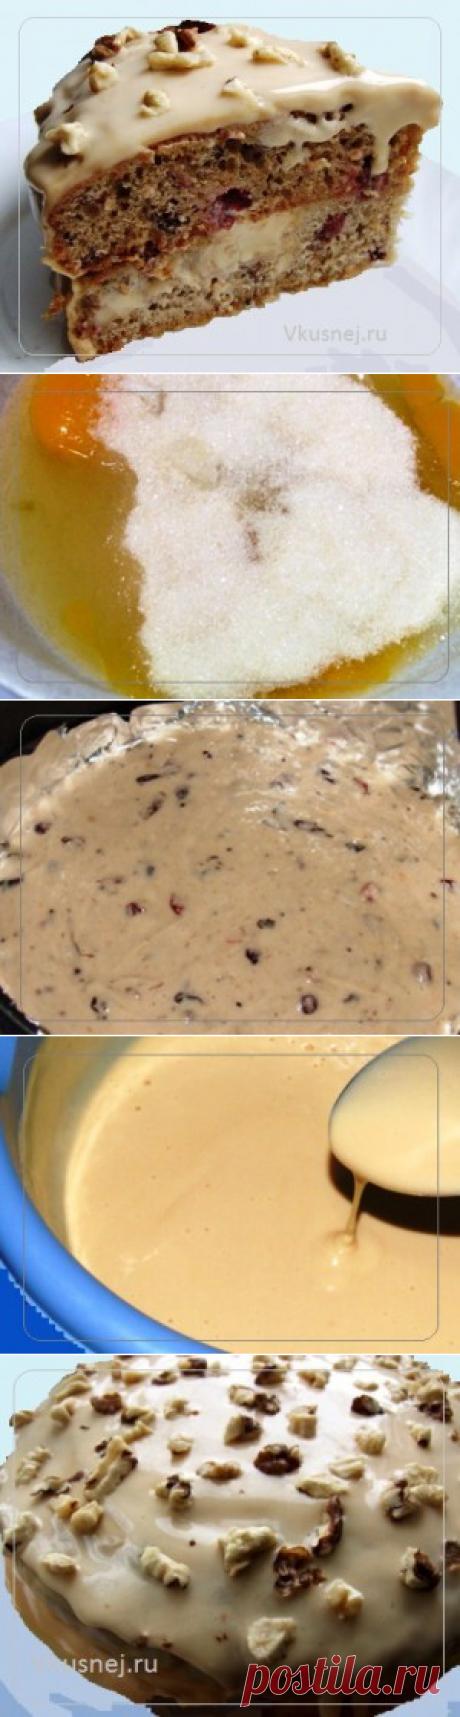 Торт на кефире «Поляна» | Рецепты вкусно